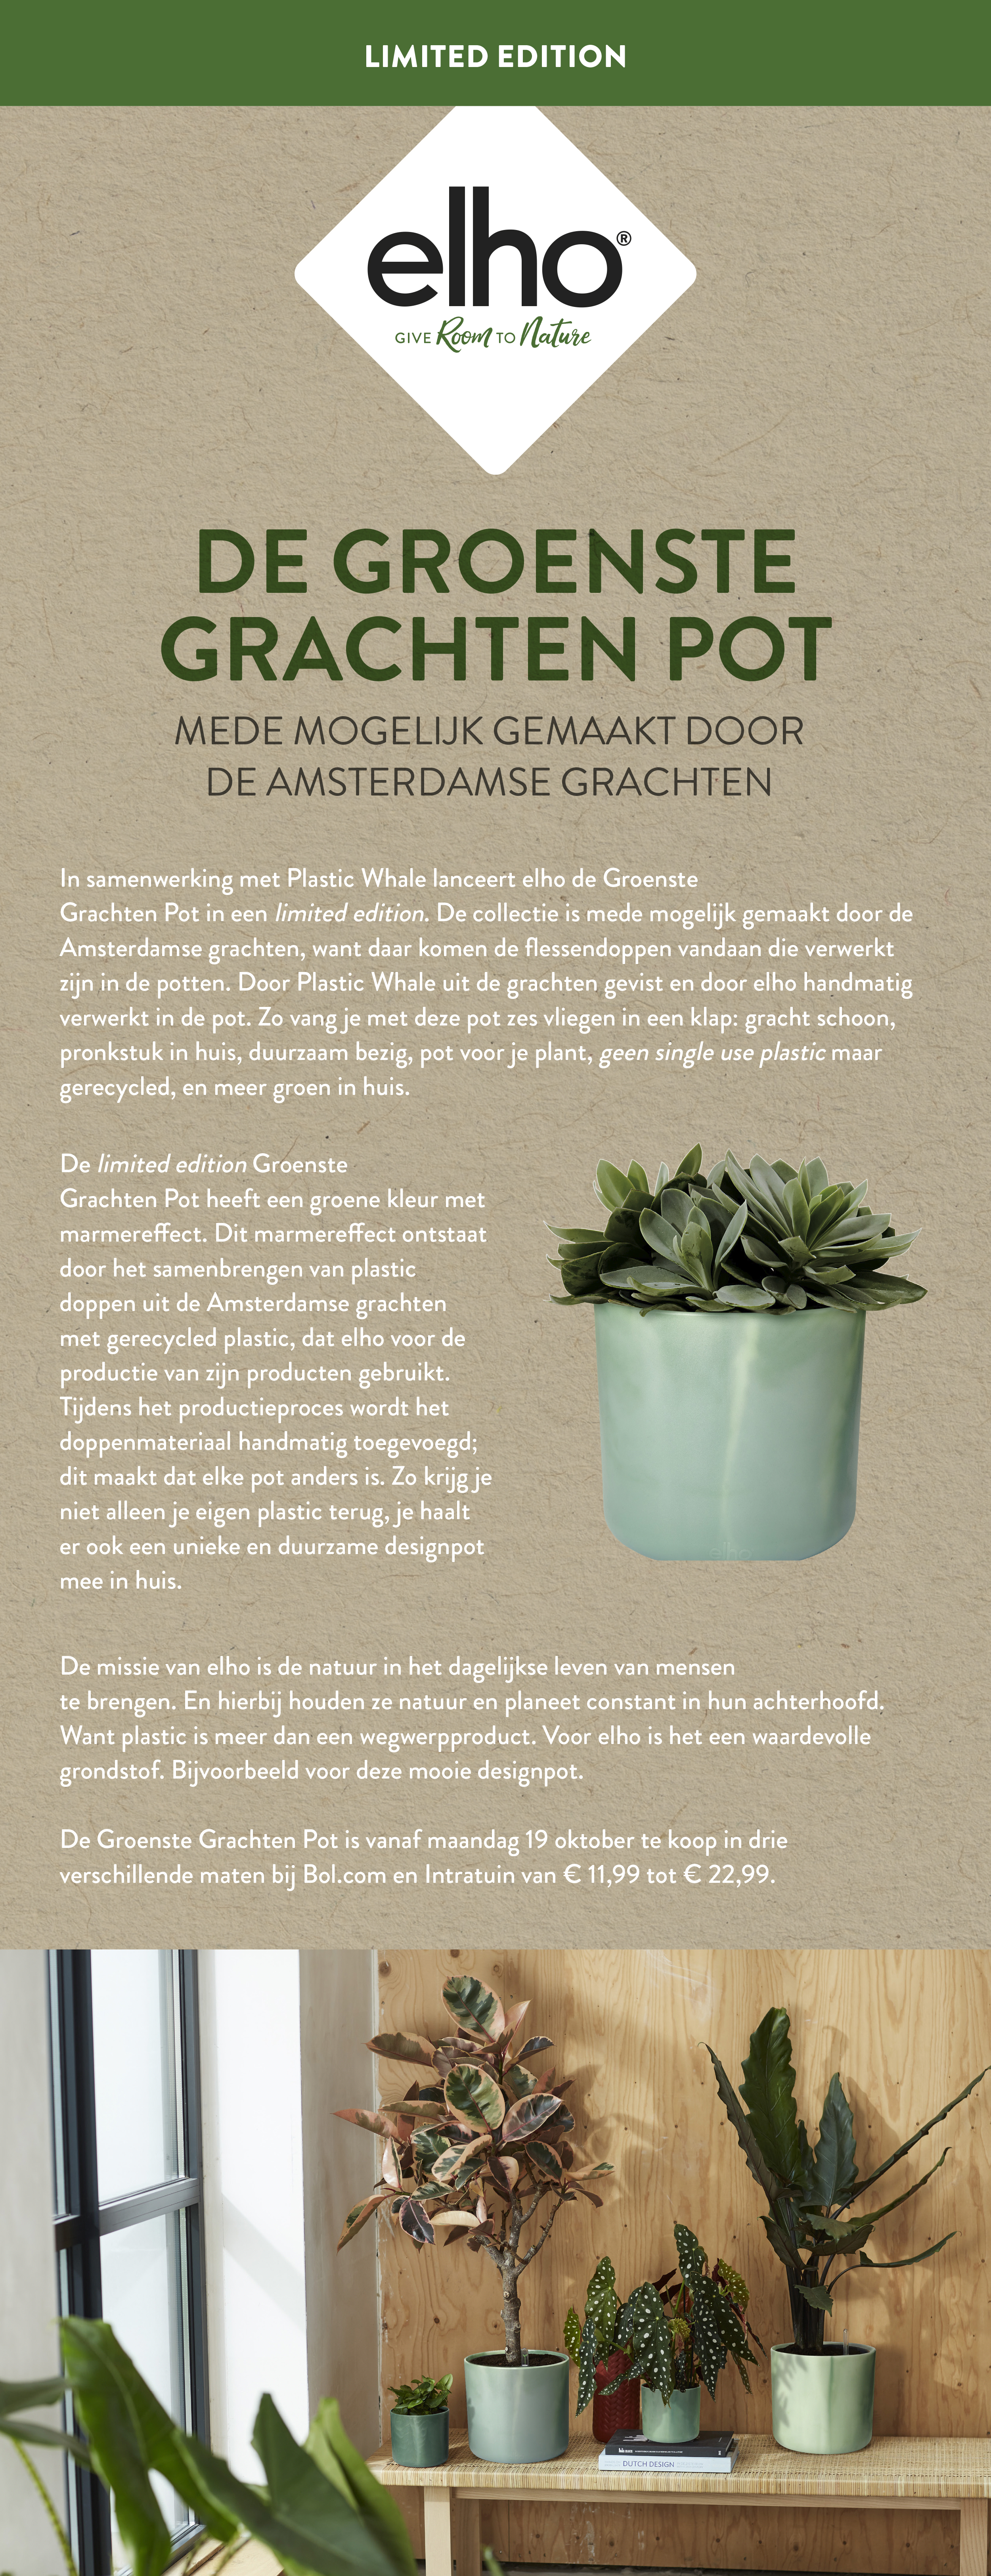 Persbericht Grachtenpot - elho